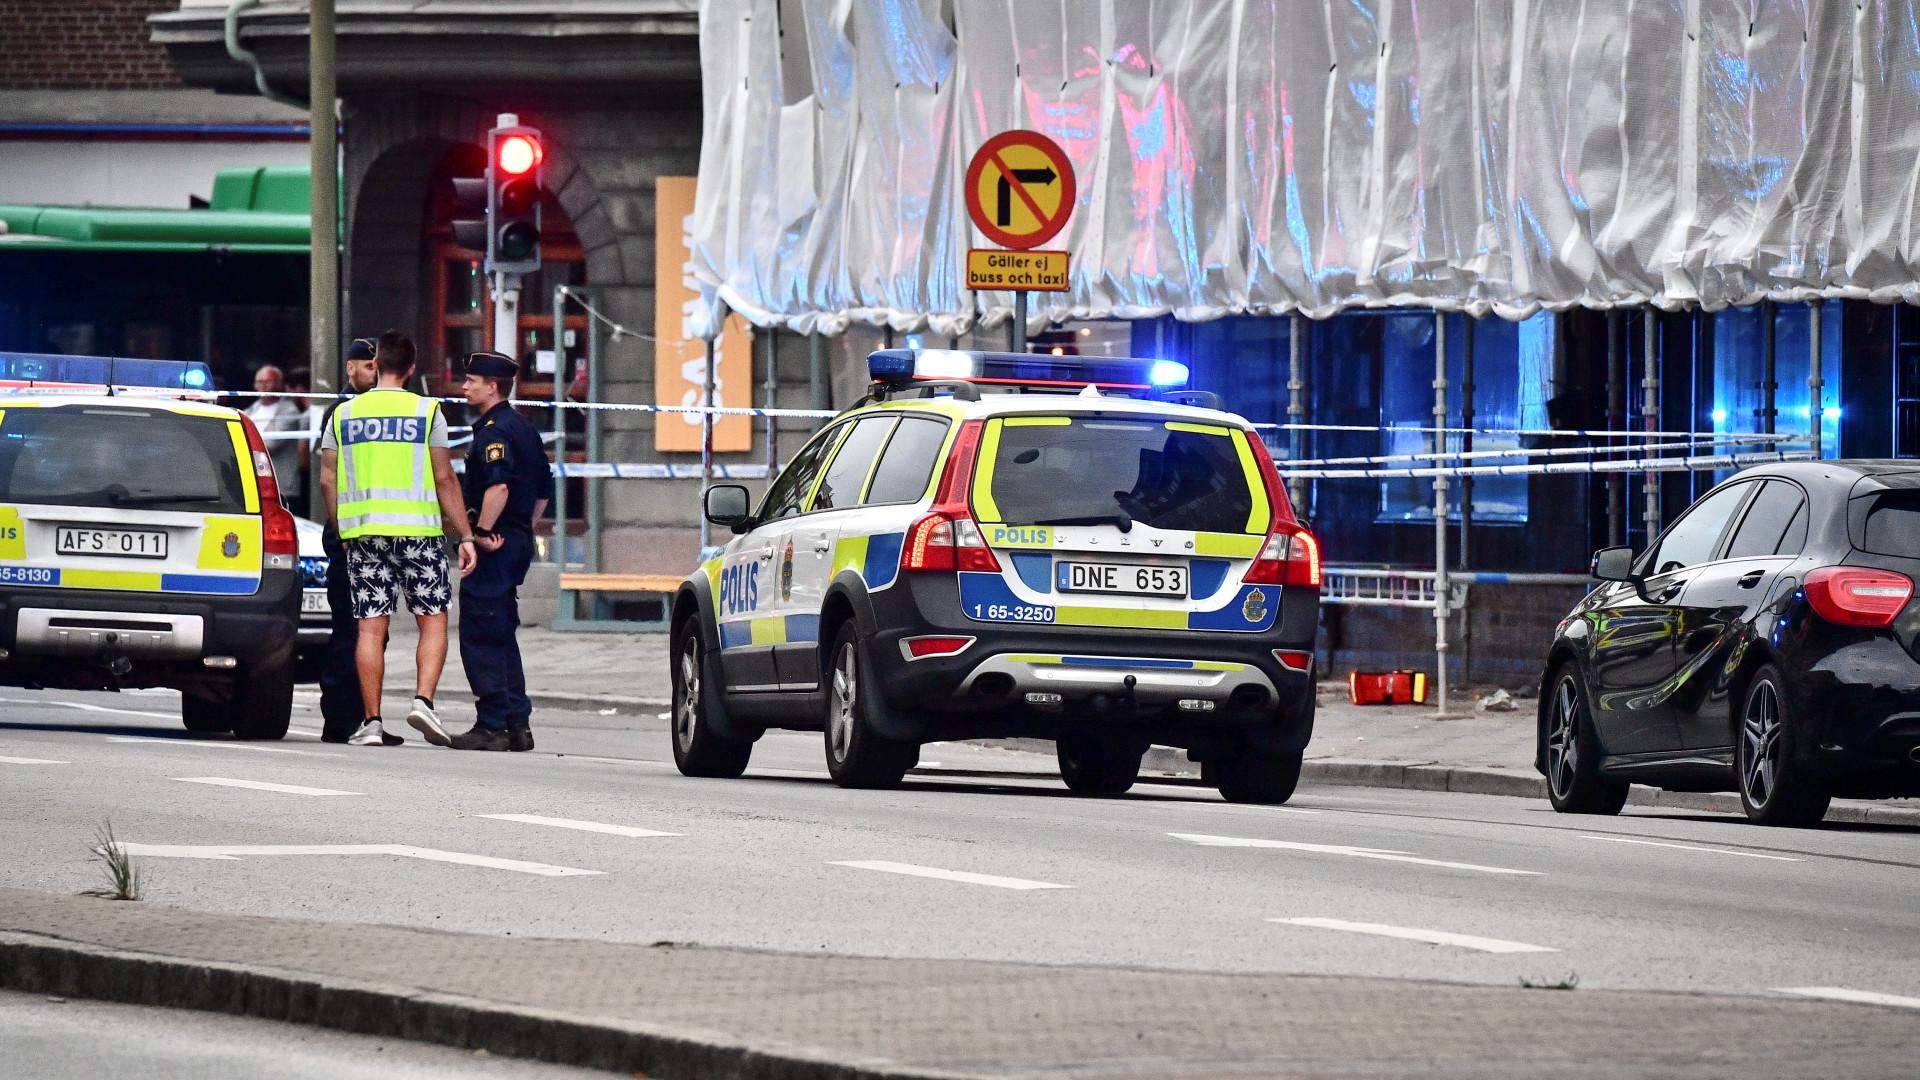 Um morto após tiroteio na Suécia. Caso tratado como homicídio